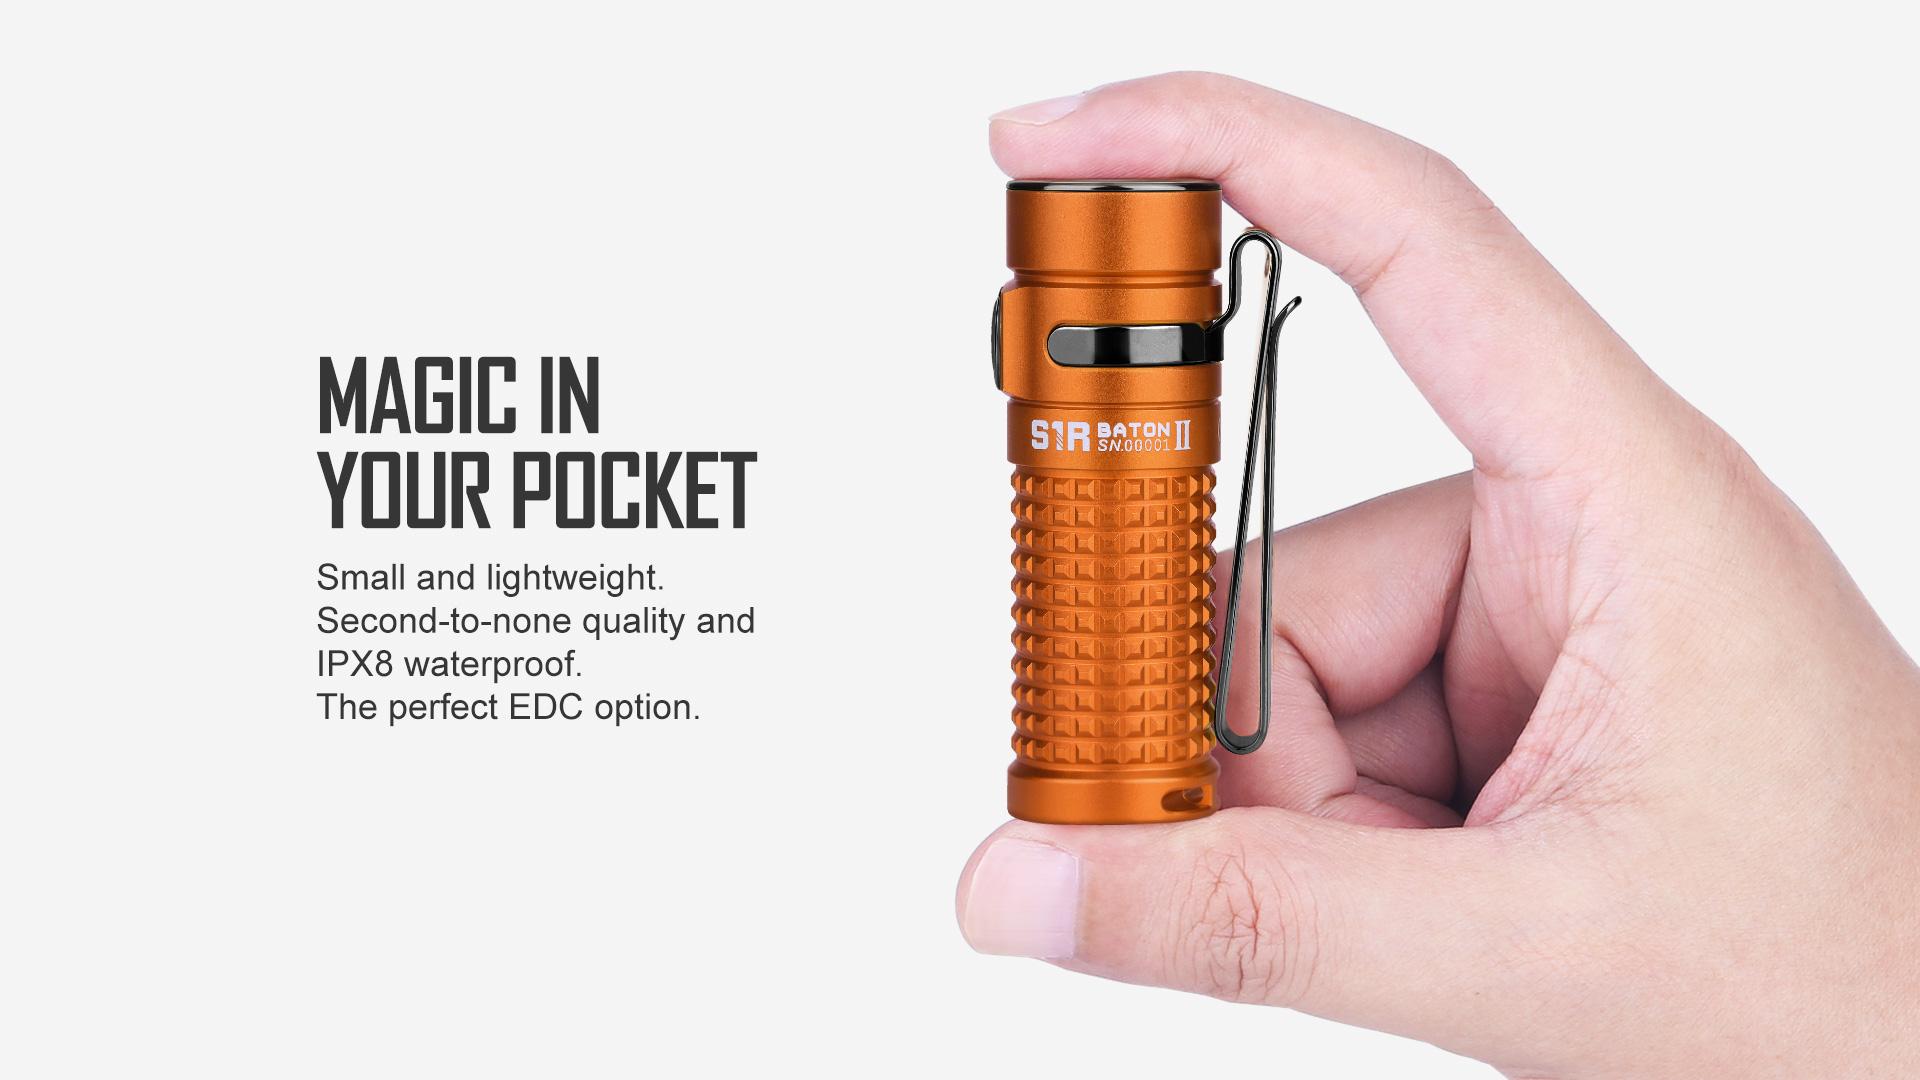 IPX8 waterproof S1R Baton II